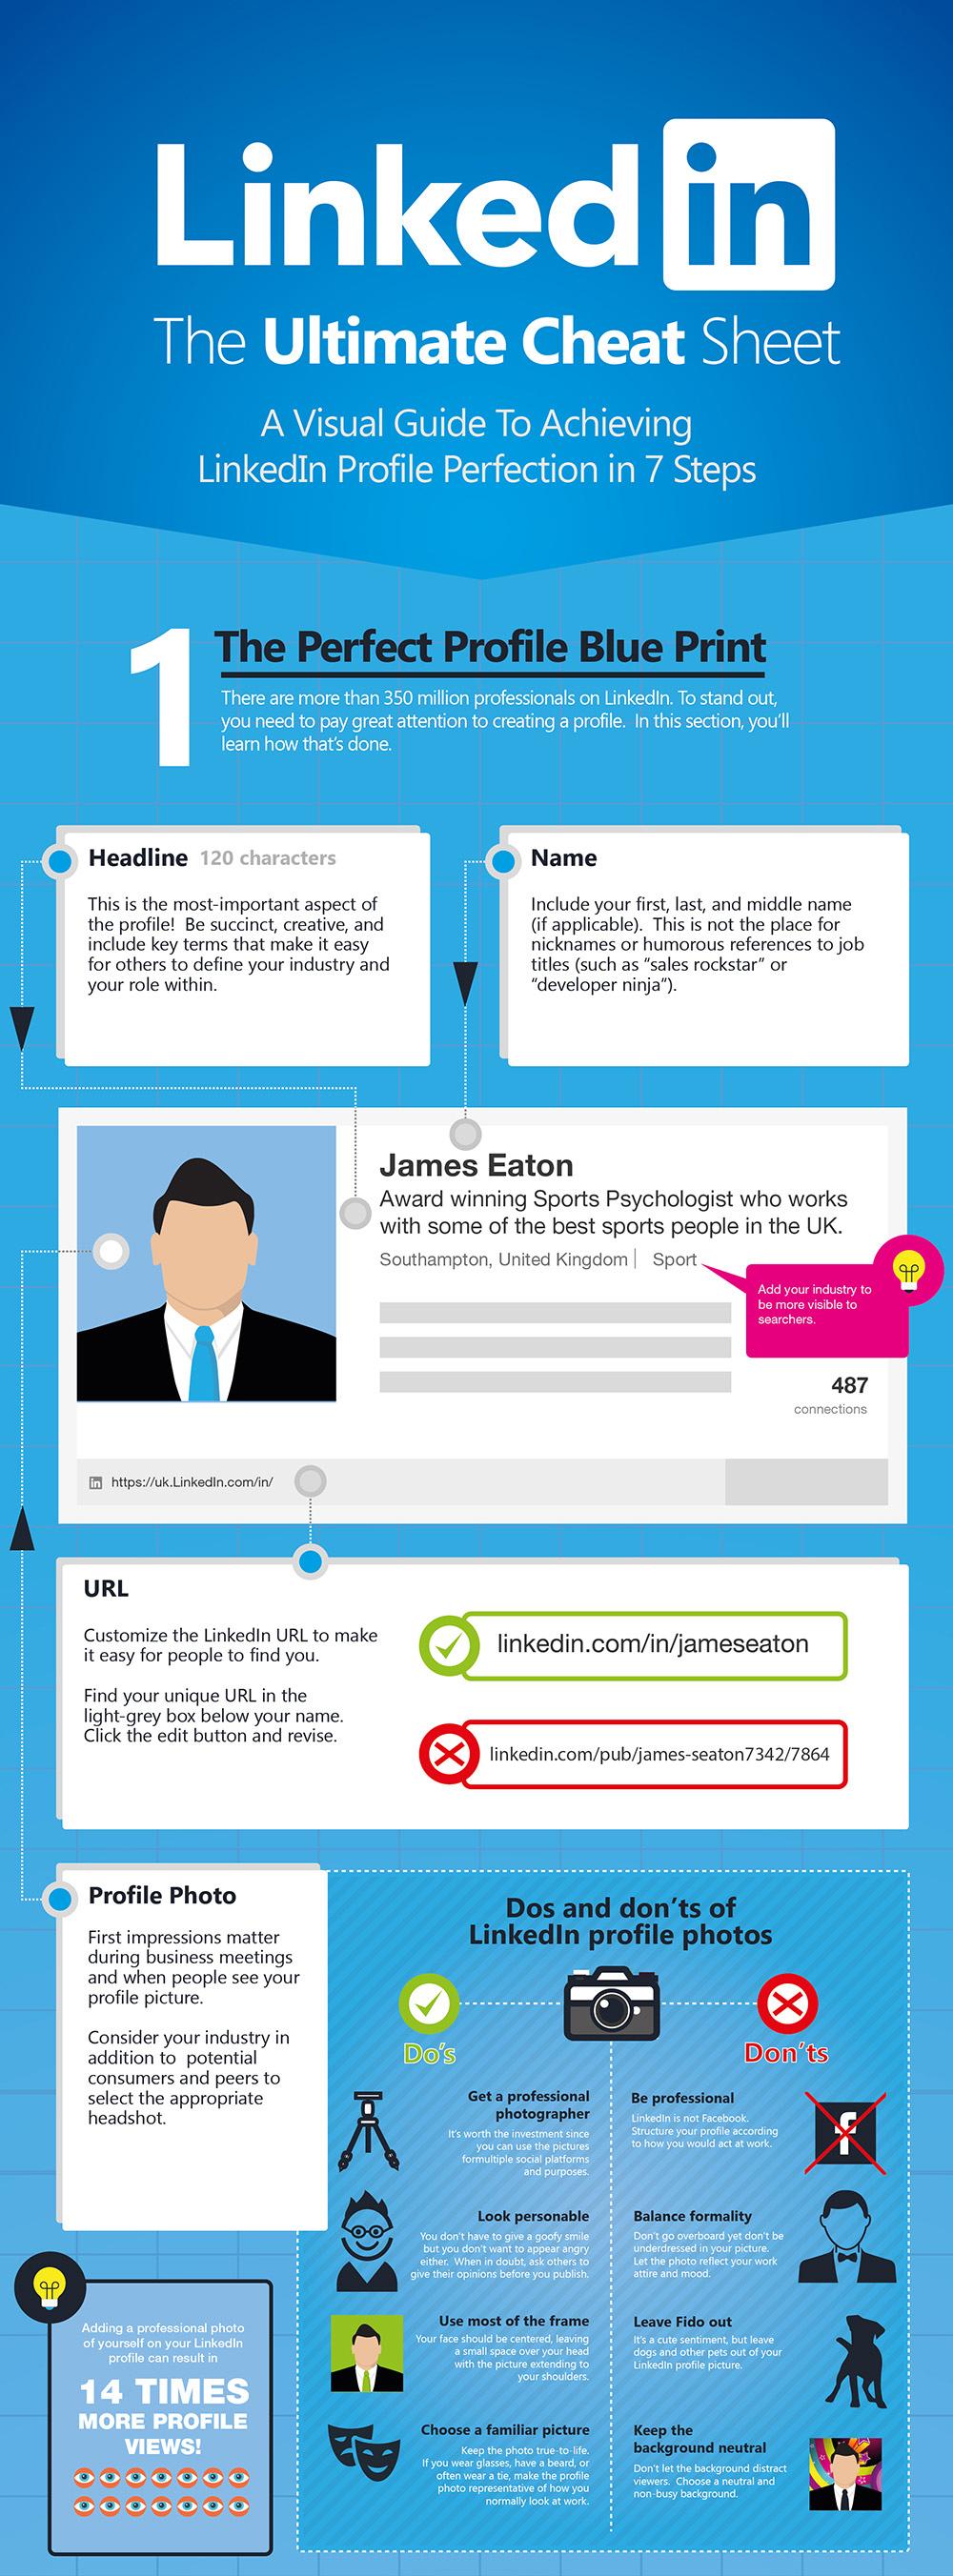 LinkedIn_Cheat_Sheet-1